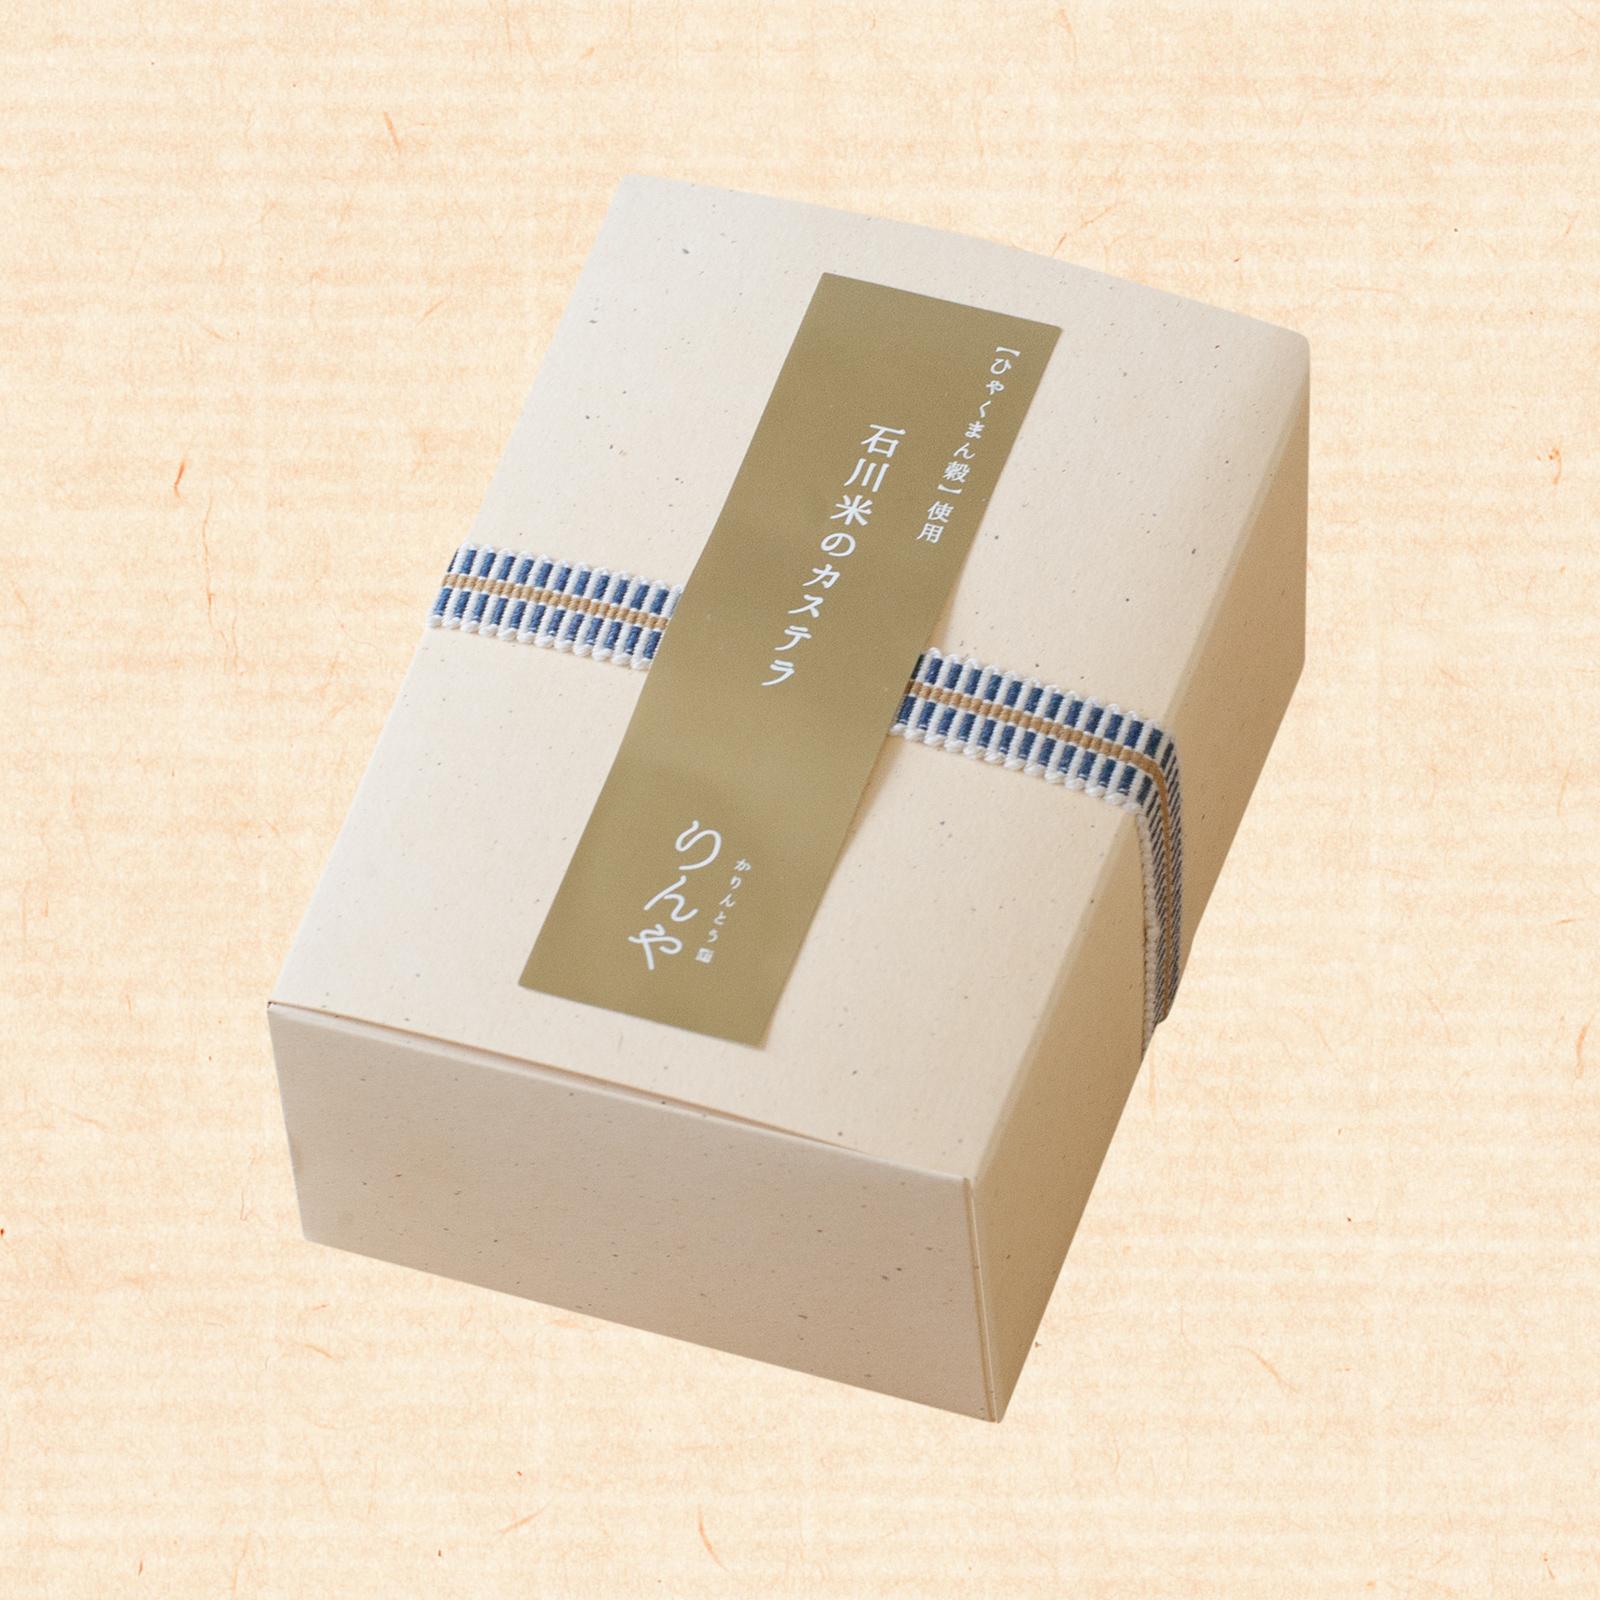 石川米のカステラ